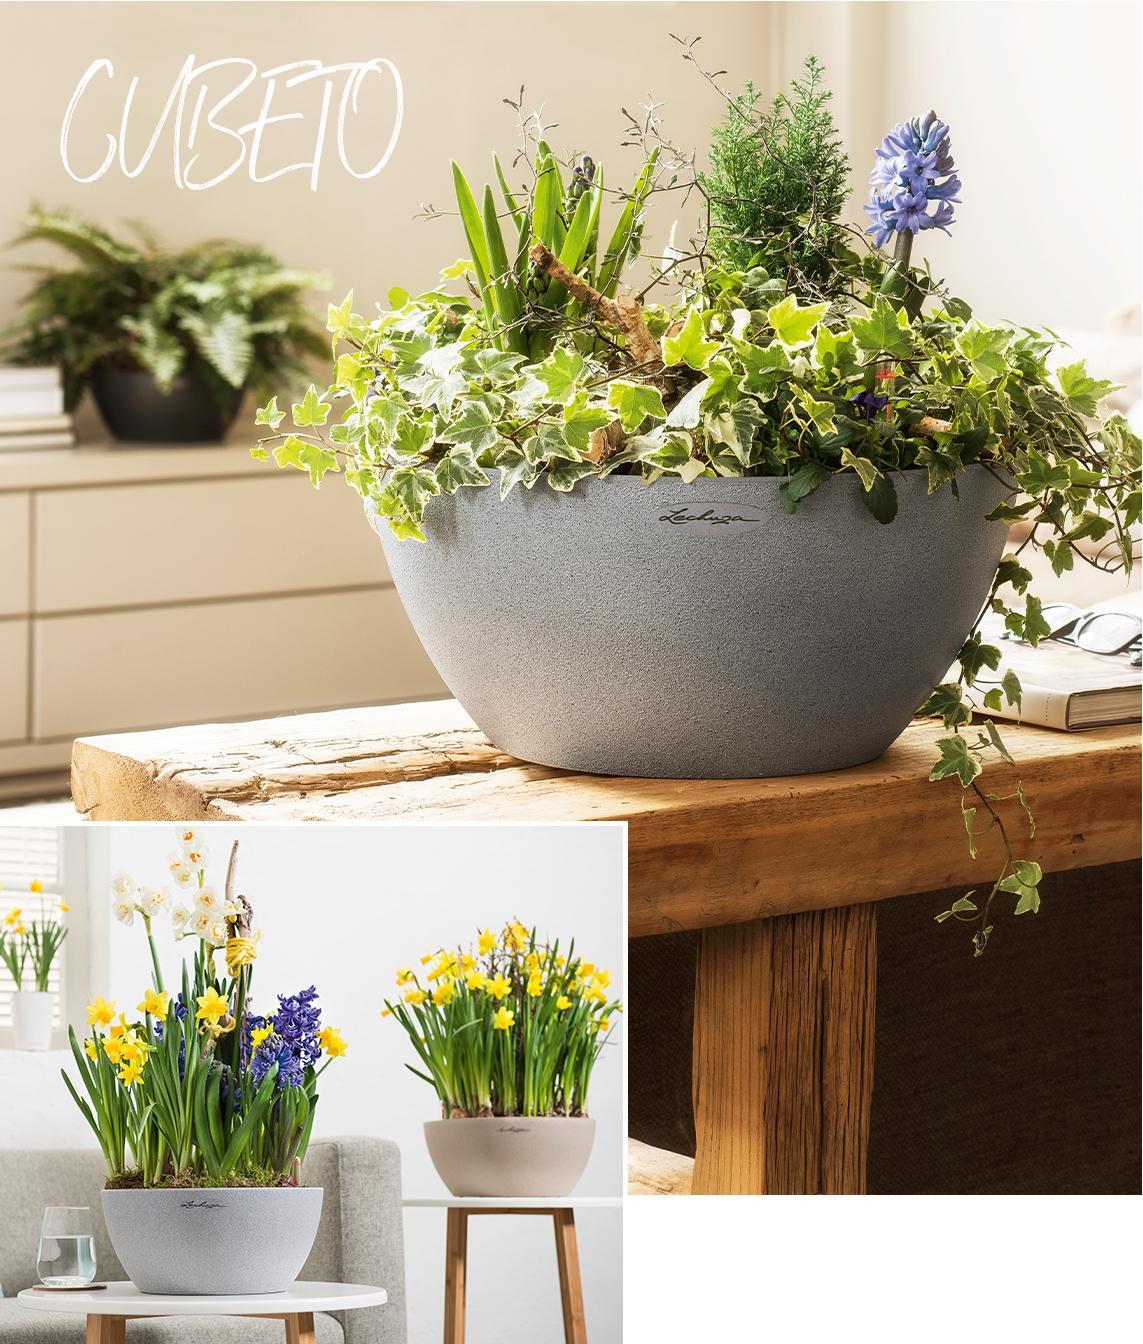 Fioriera in pietra gricia con adorabili fiori precoci come narcisi e giacinti